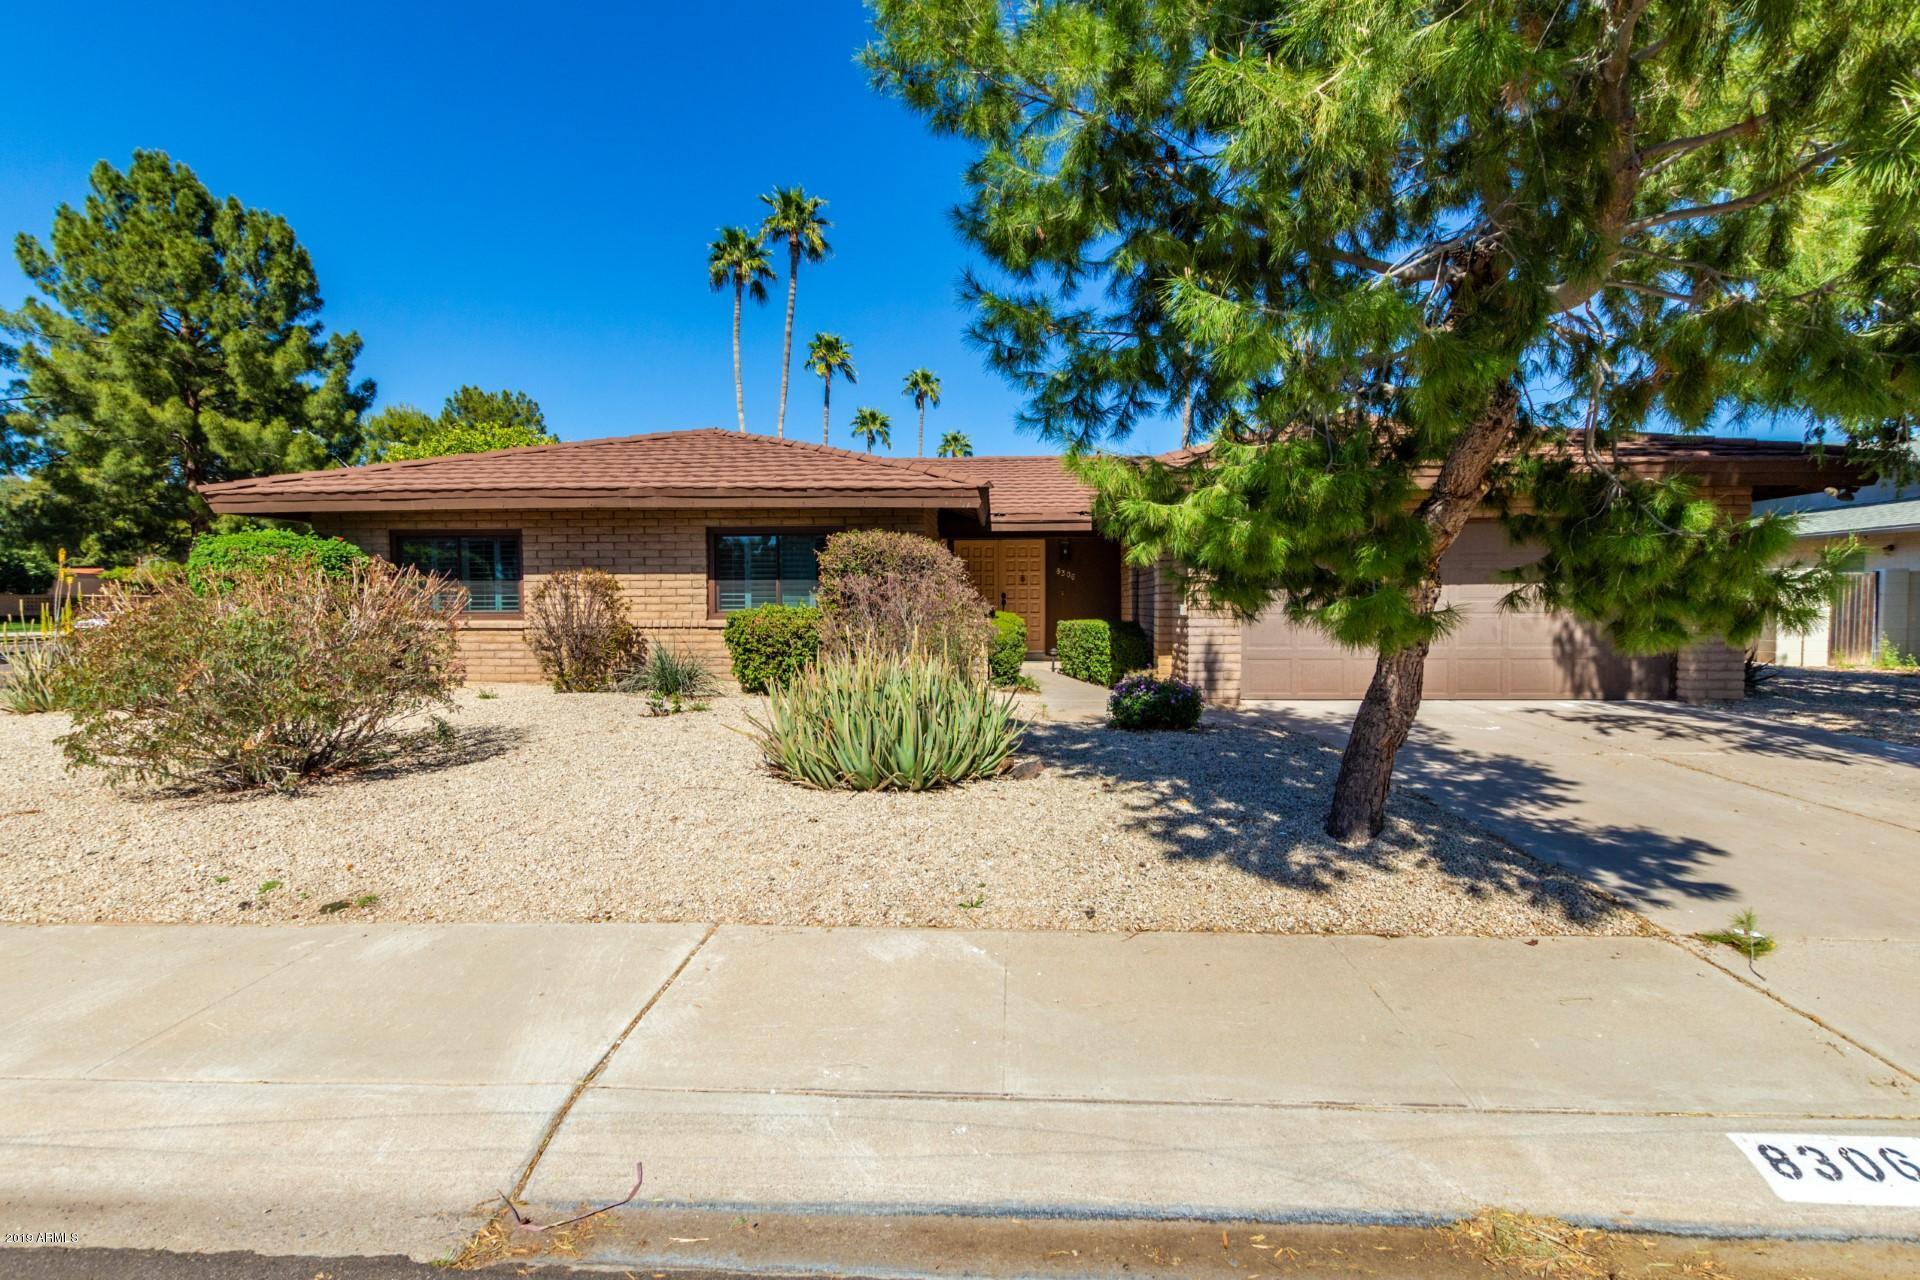 8306 E VIA DE LOS LIBROS, Scottsdale, AZ 85258